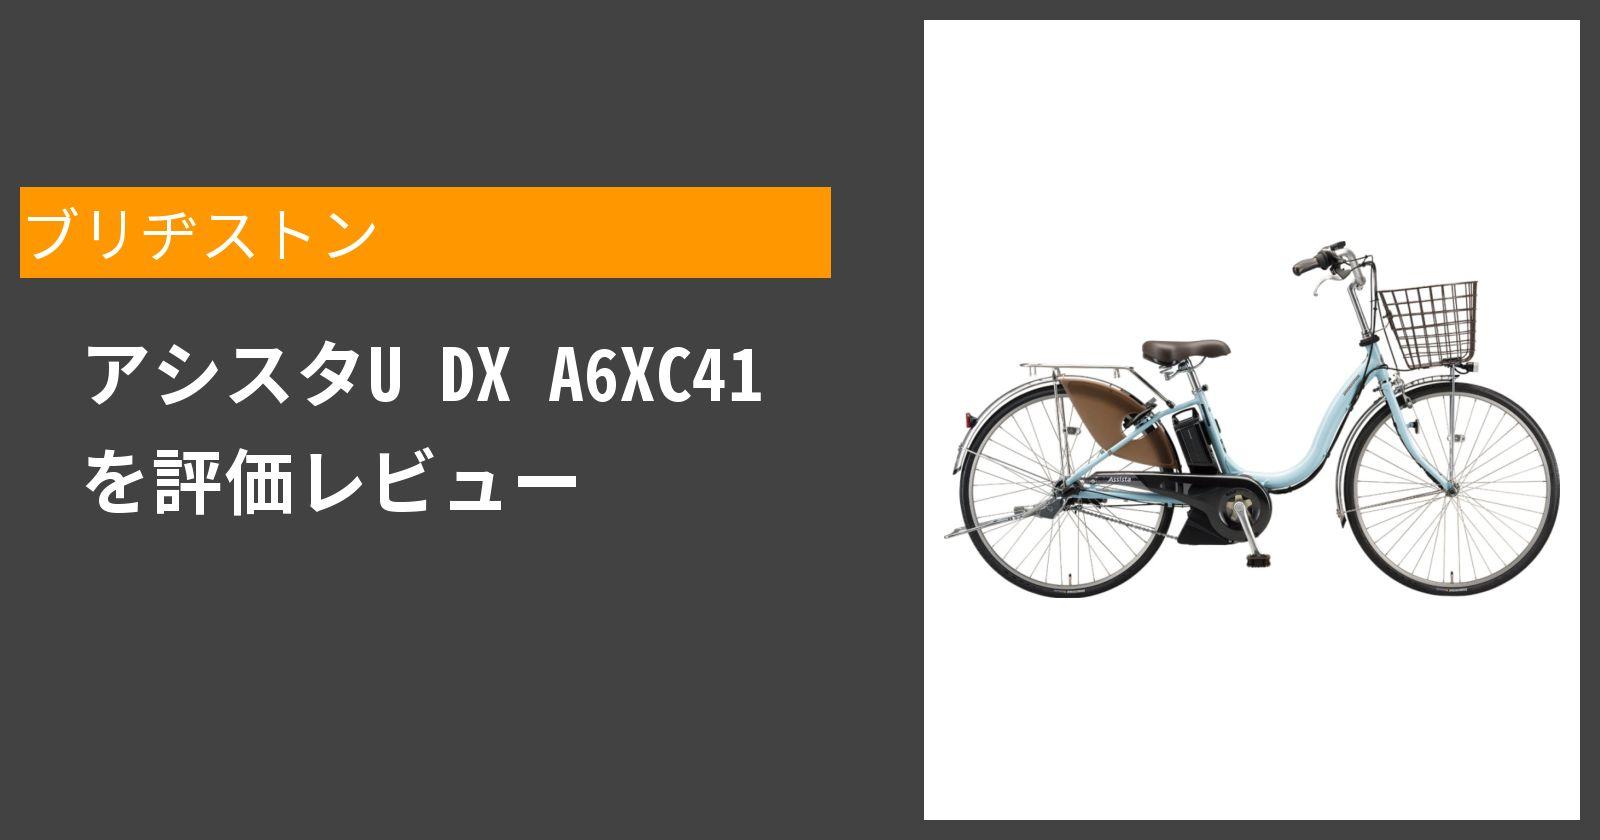 アシスタU DX A6XC41を徹底評価